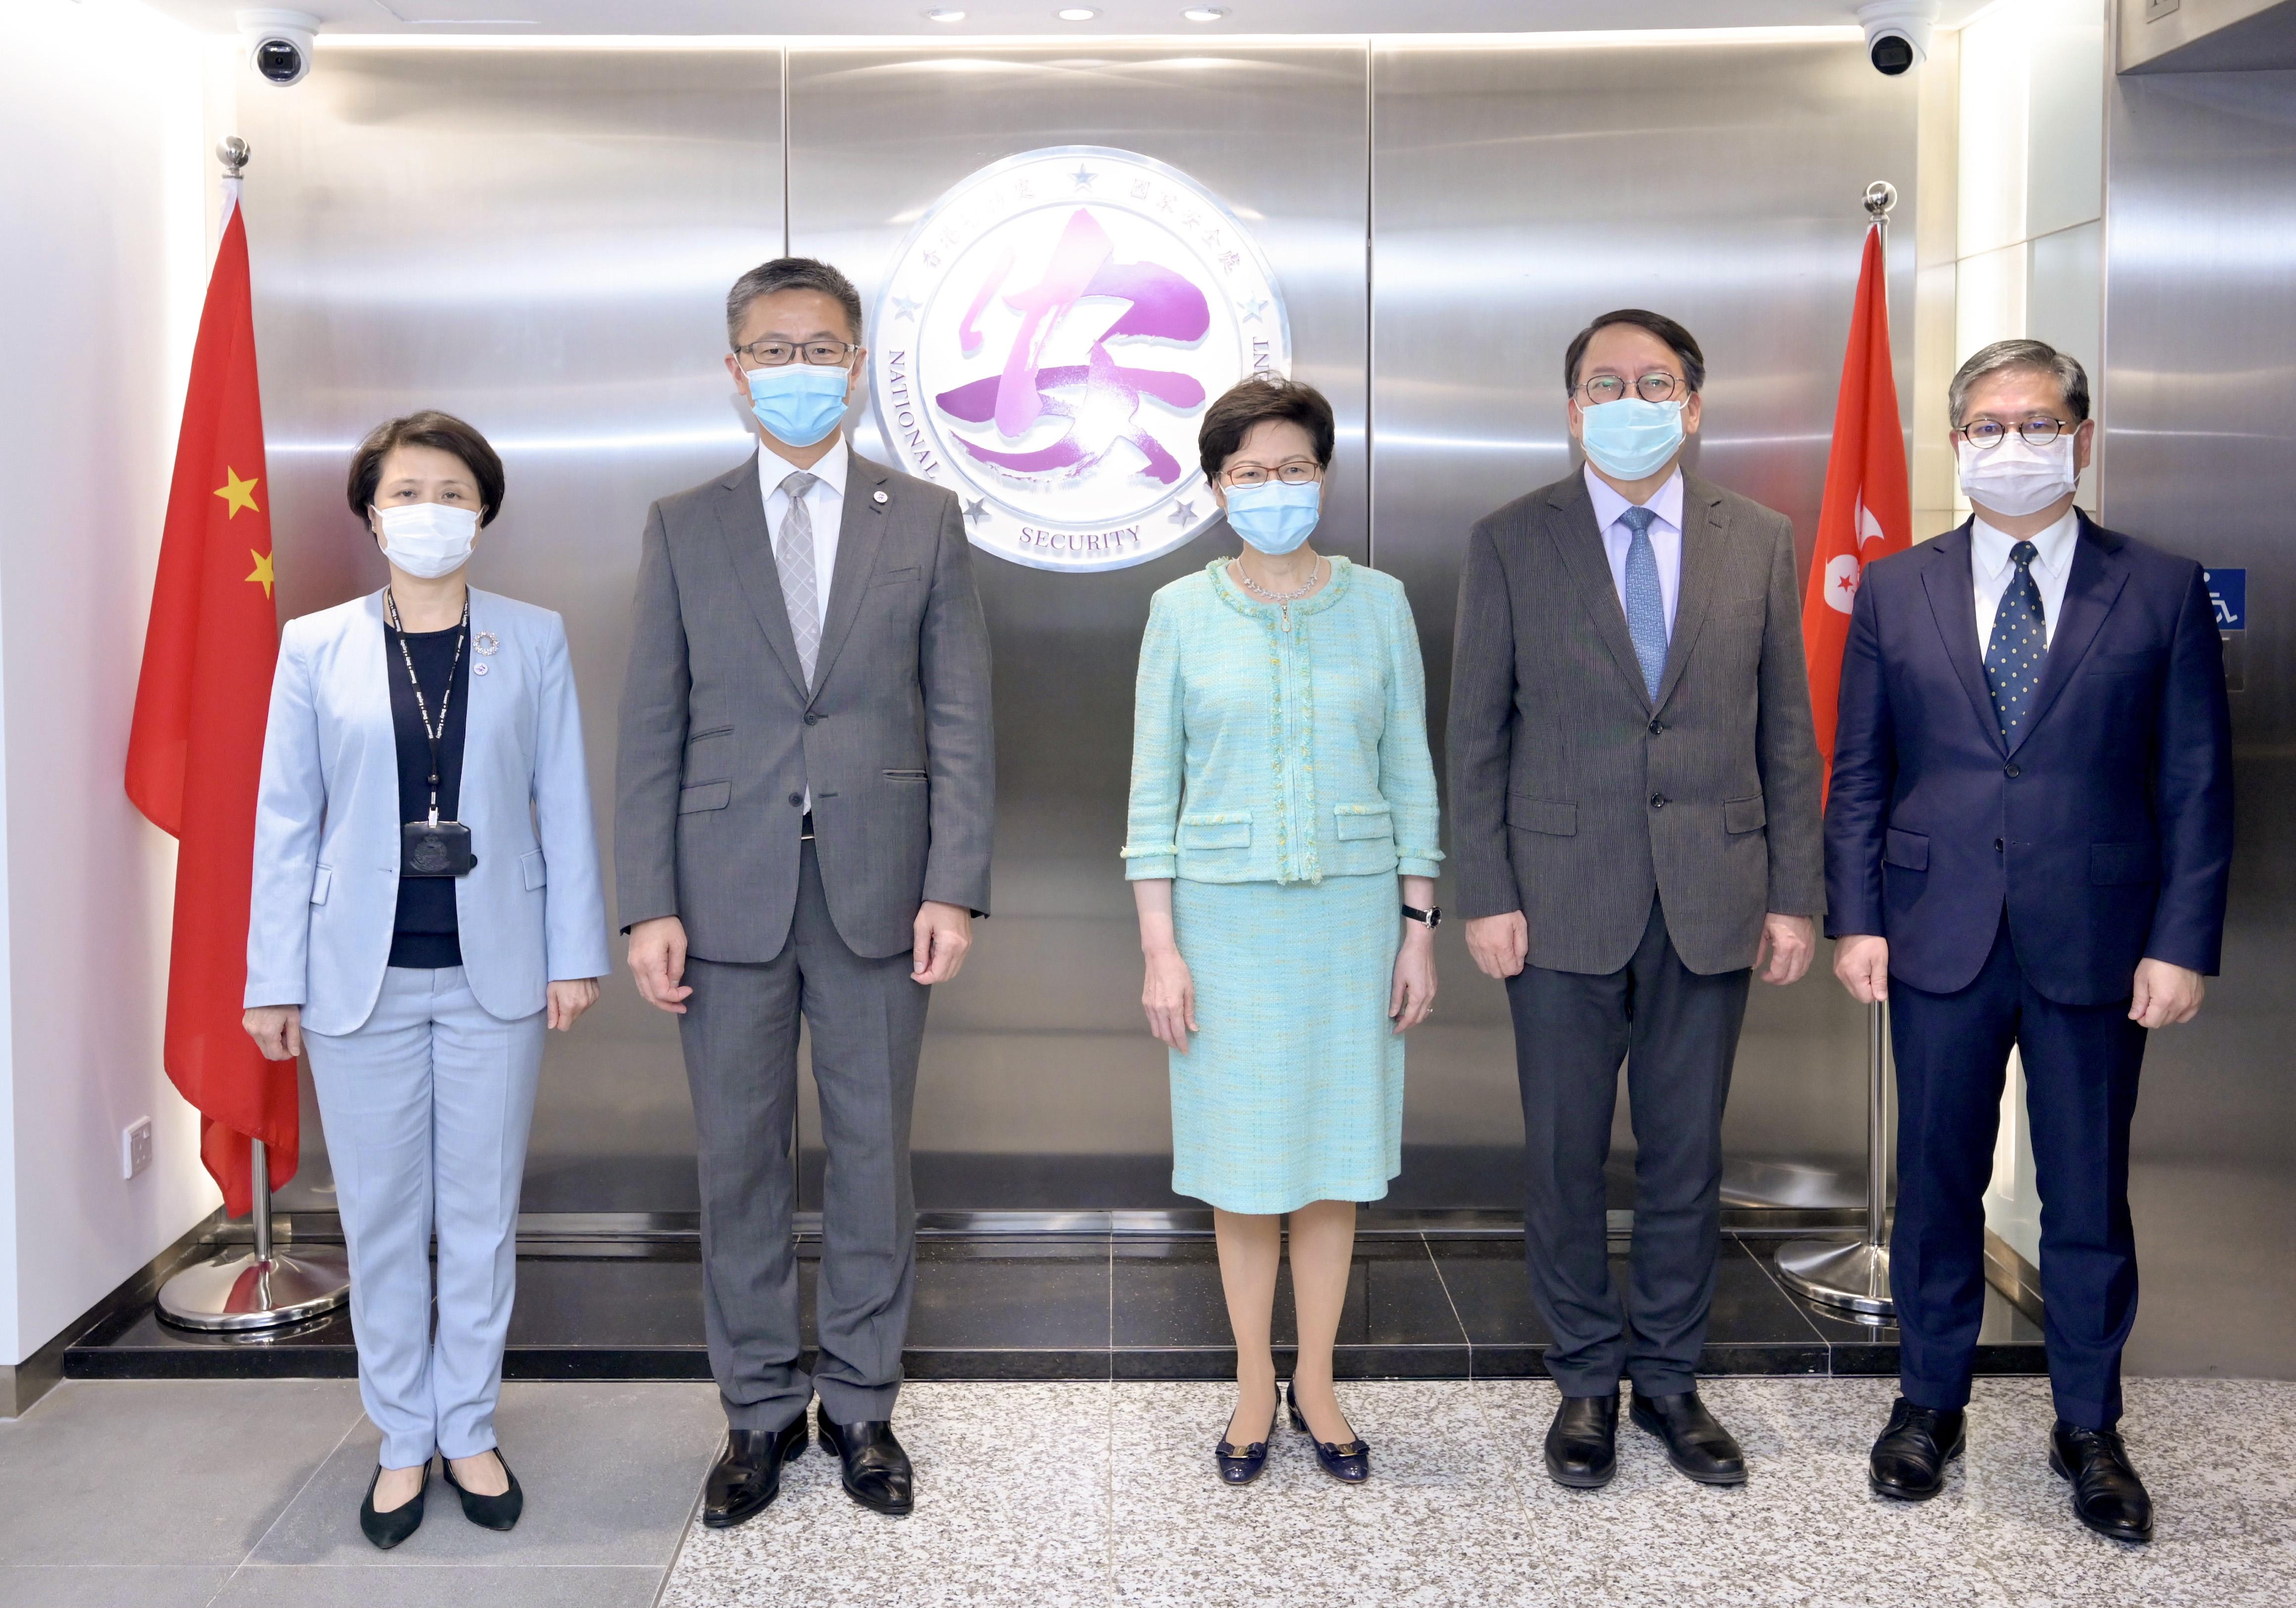 林鄭月娥訪駐港國安公署及警務處國家安全處